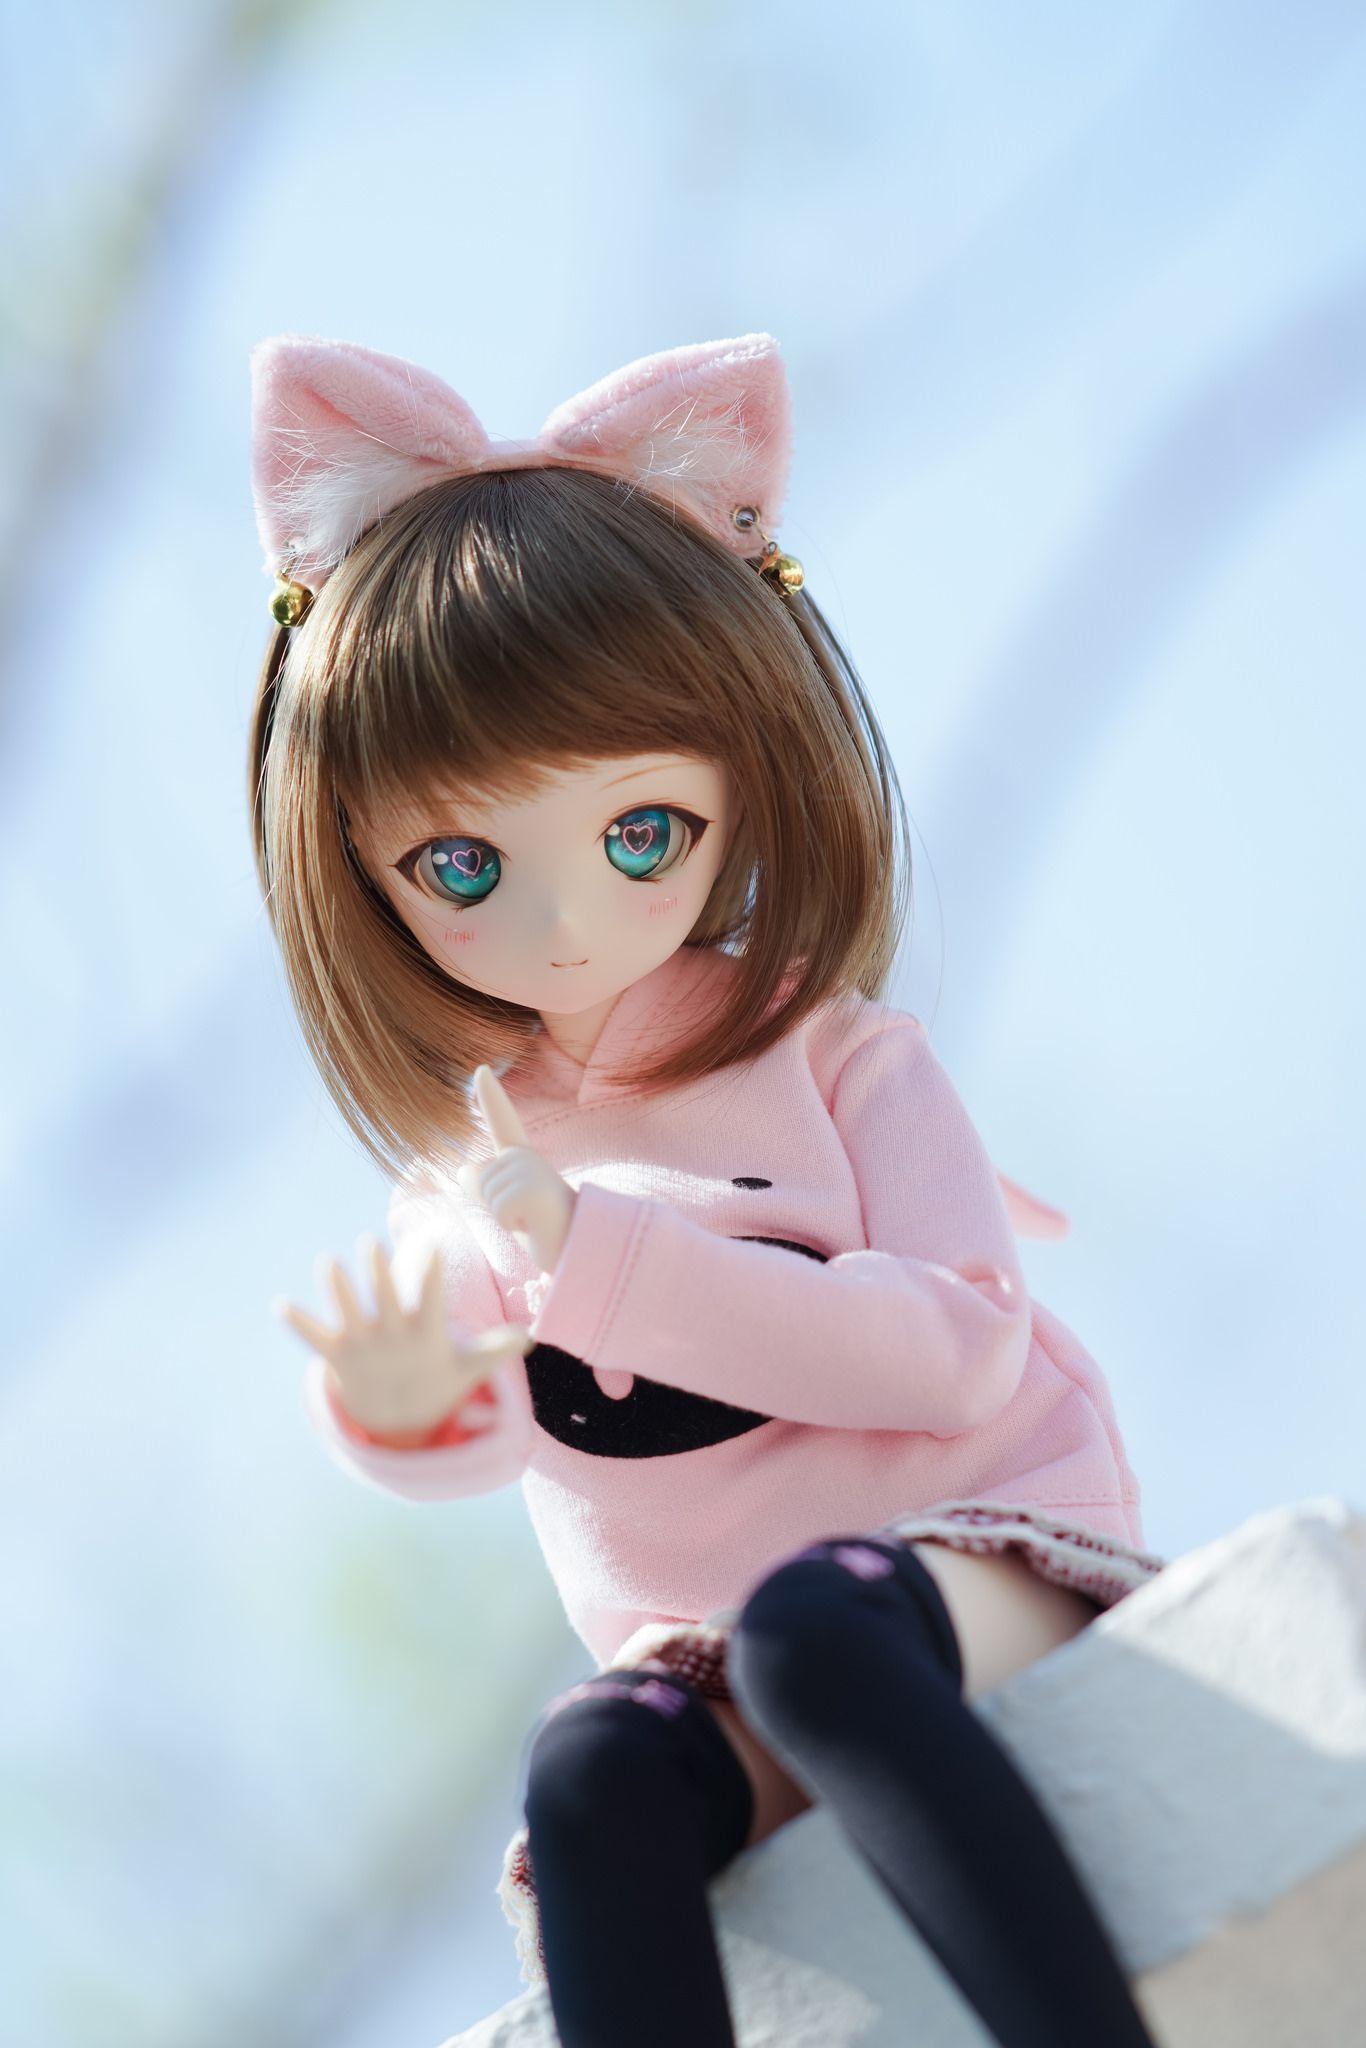 DSC01675 Japanese dolls, Anime dolls, Anime art